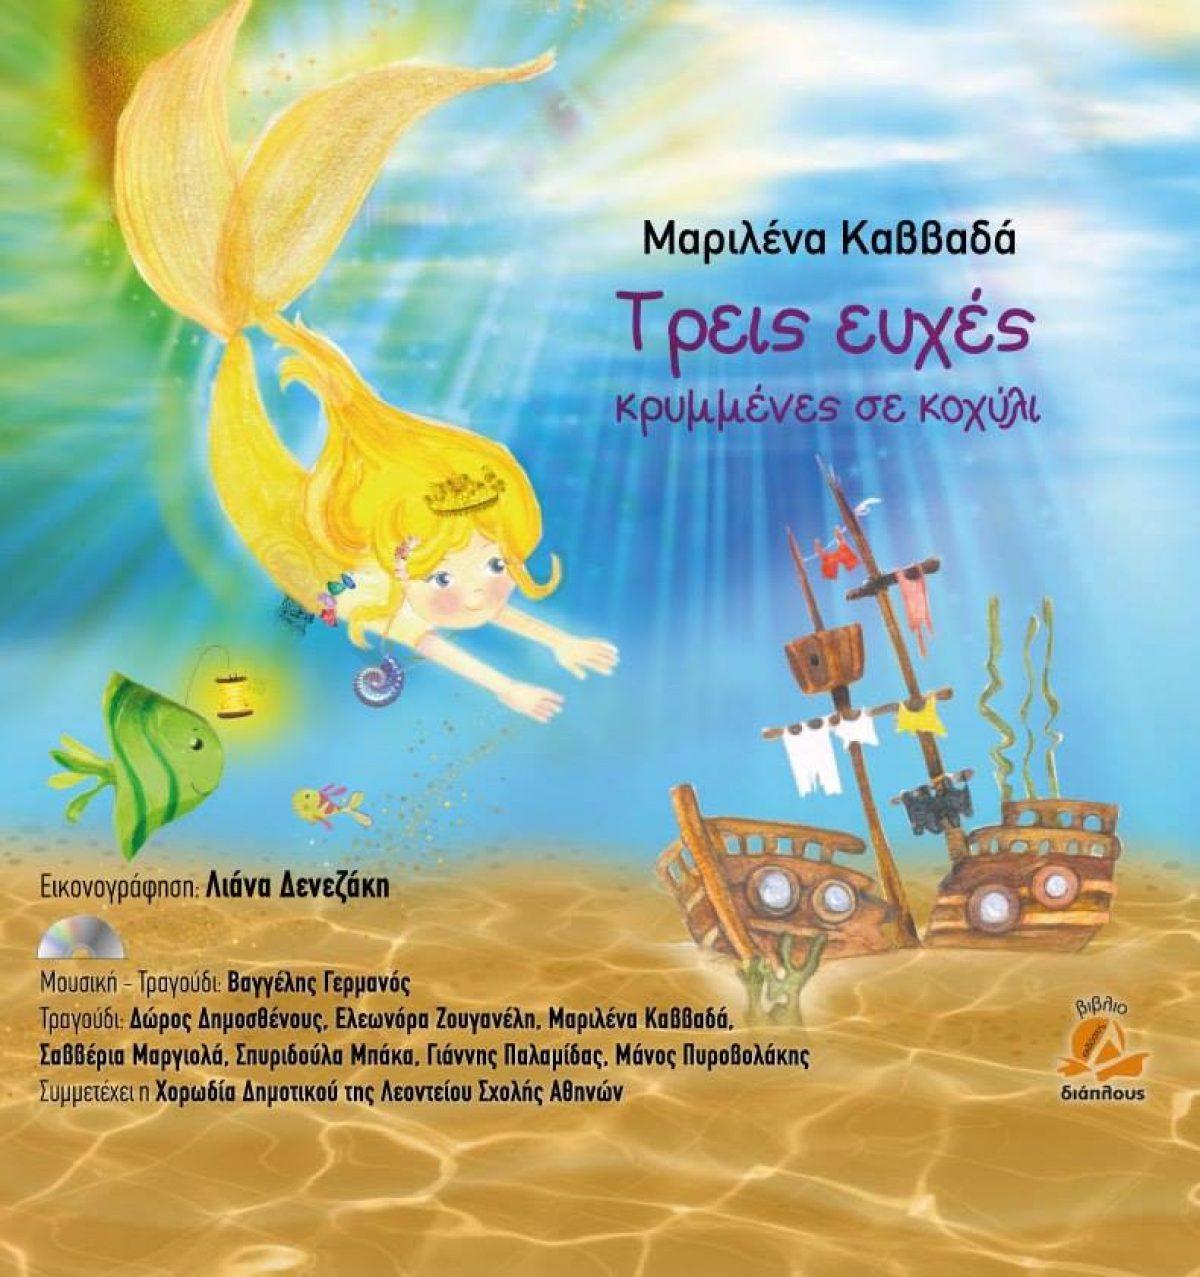 Η παρουσίαση του ΝΕΟΥ βιβλίου της Μαριλένας Καββαδά το Σάββατο 24 Νοεμβρίου 2018 στο IANOS Cafe (Σταδίου 24) στις 12μ.μ. !!